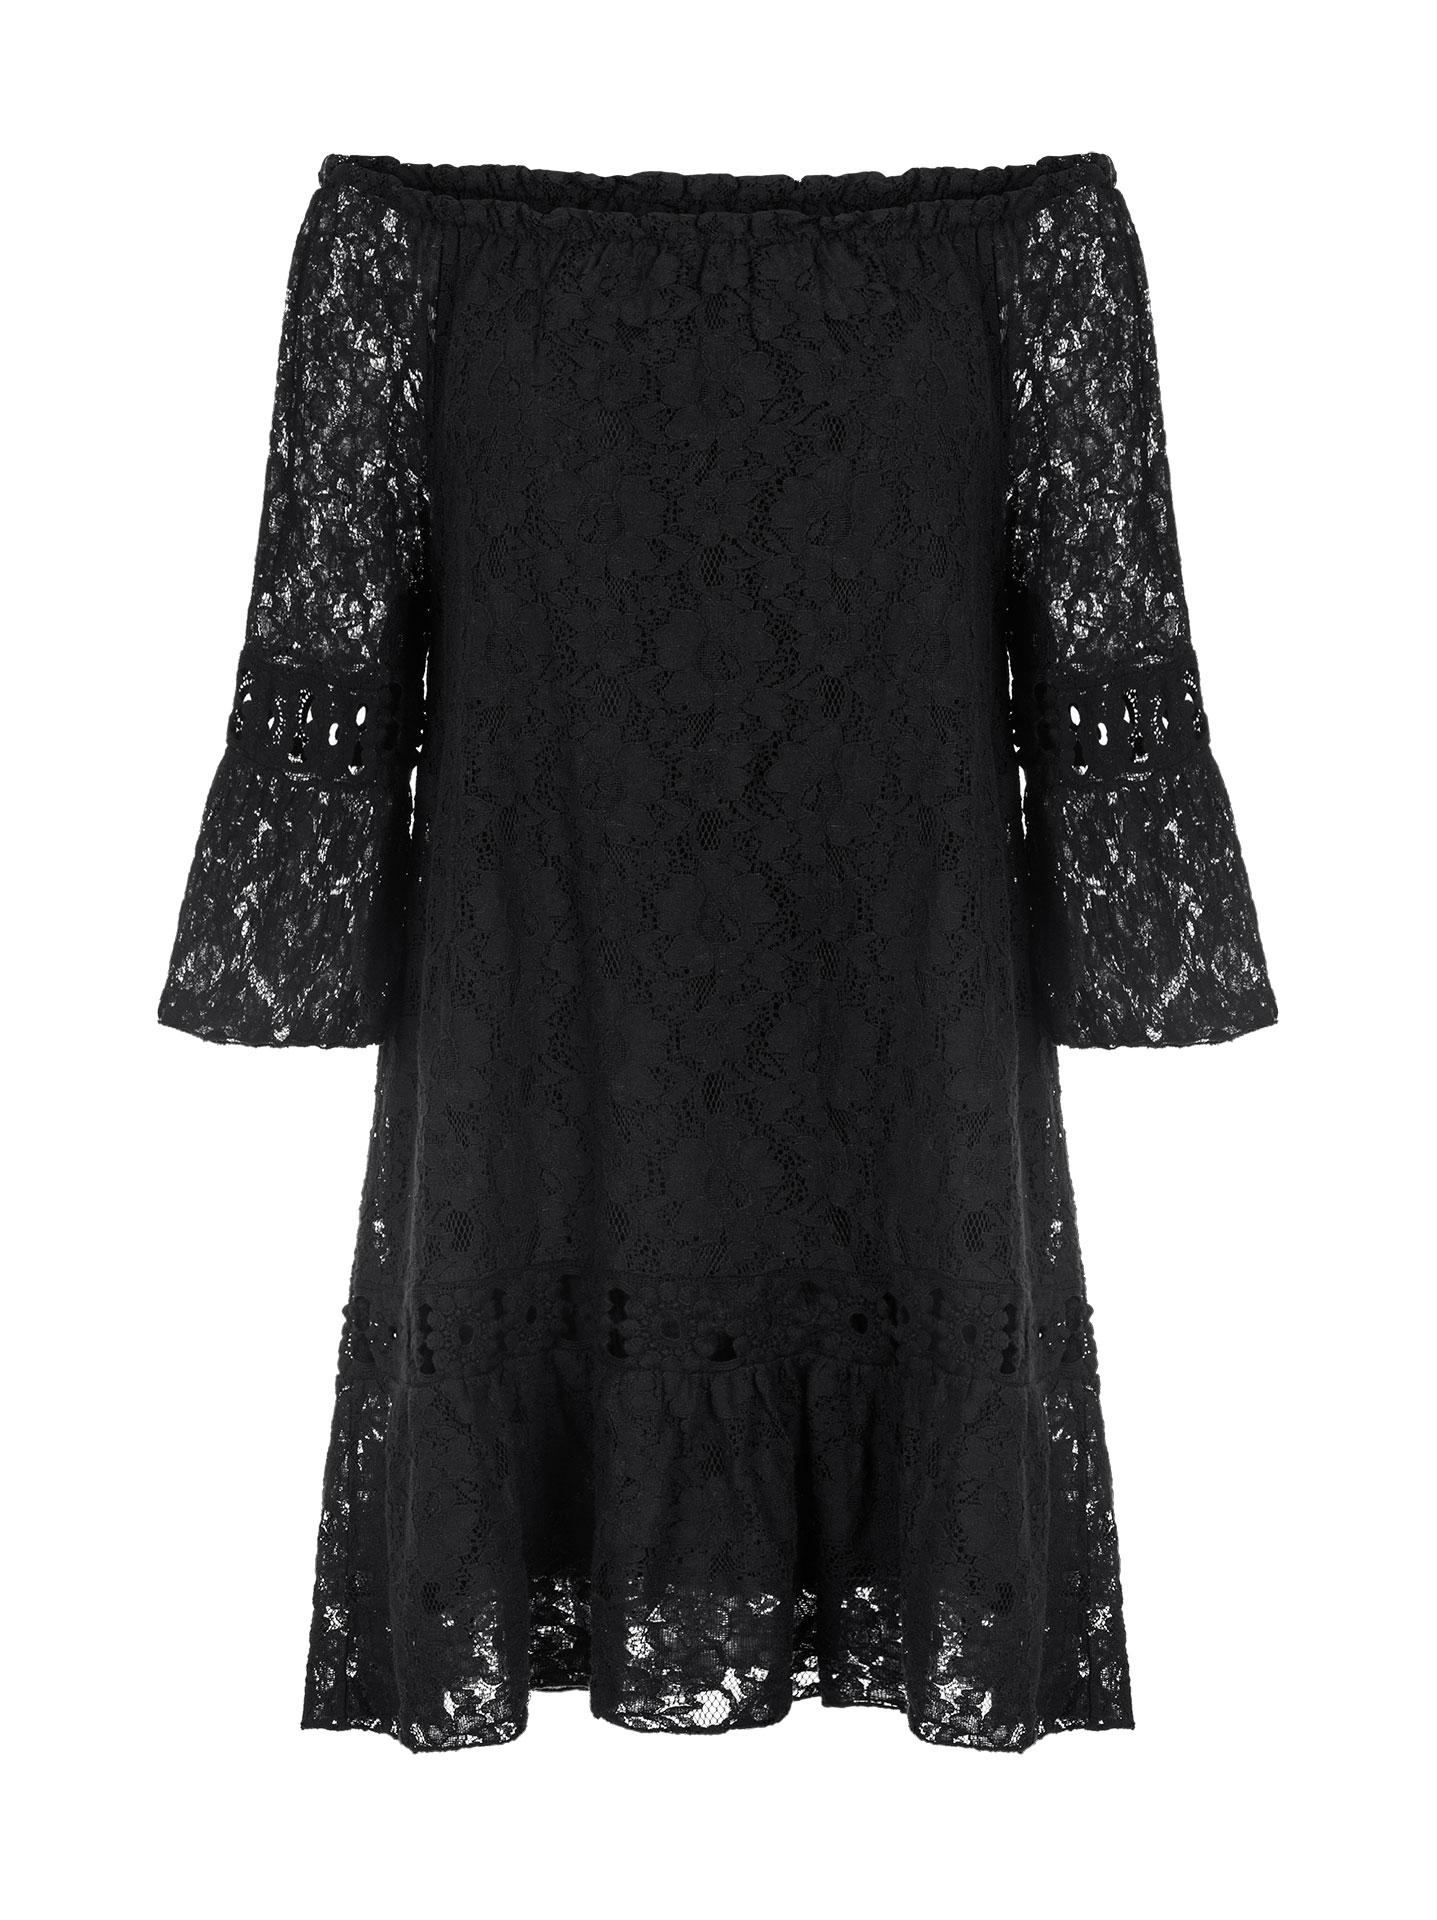 4d9233c9ca58 Celestino Φόρεμα με δαντέλα και κέντημα SE7815.8000+2 - Glami.gr